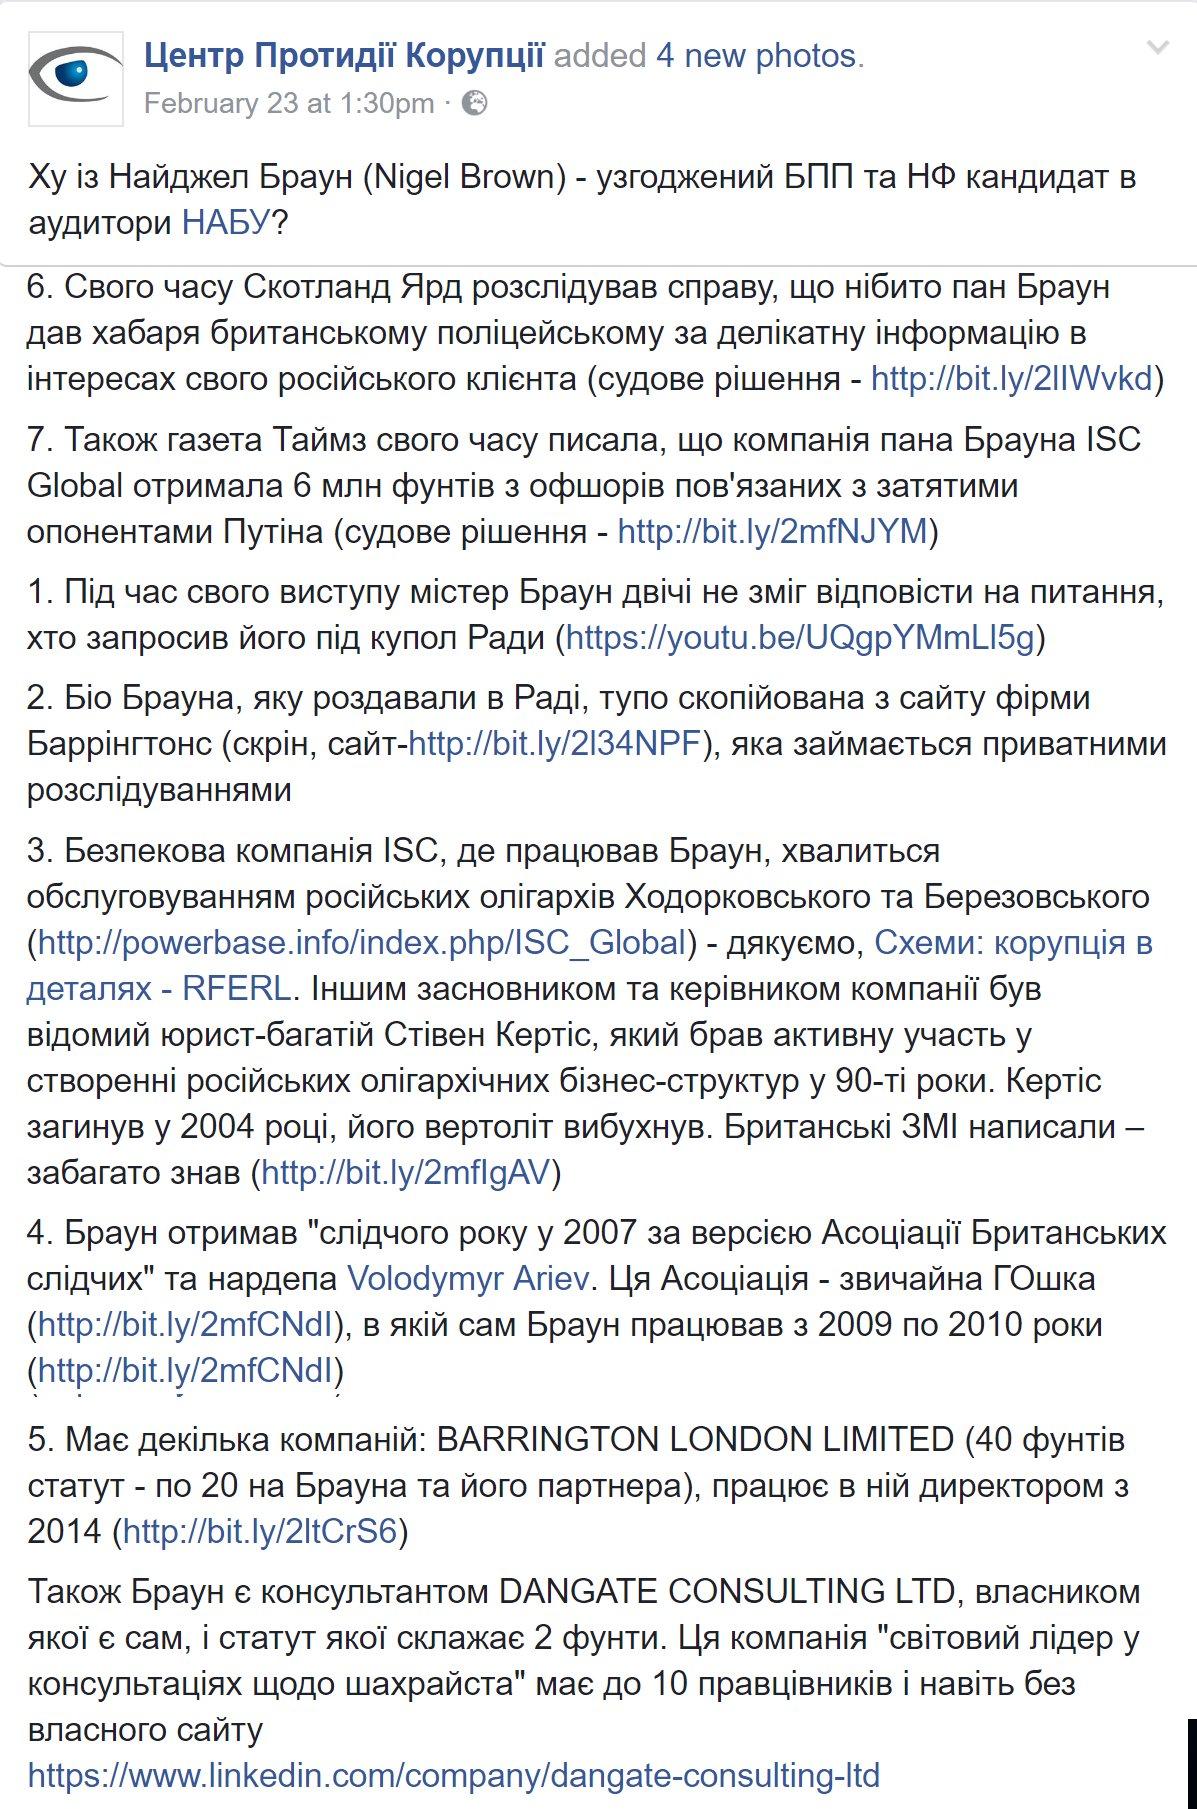 Провальное голосование по аудитору НАБУ, Мельничук покинул коалицию, - день 16 марта в ВР - Цензор.НЕТ 5506